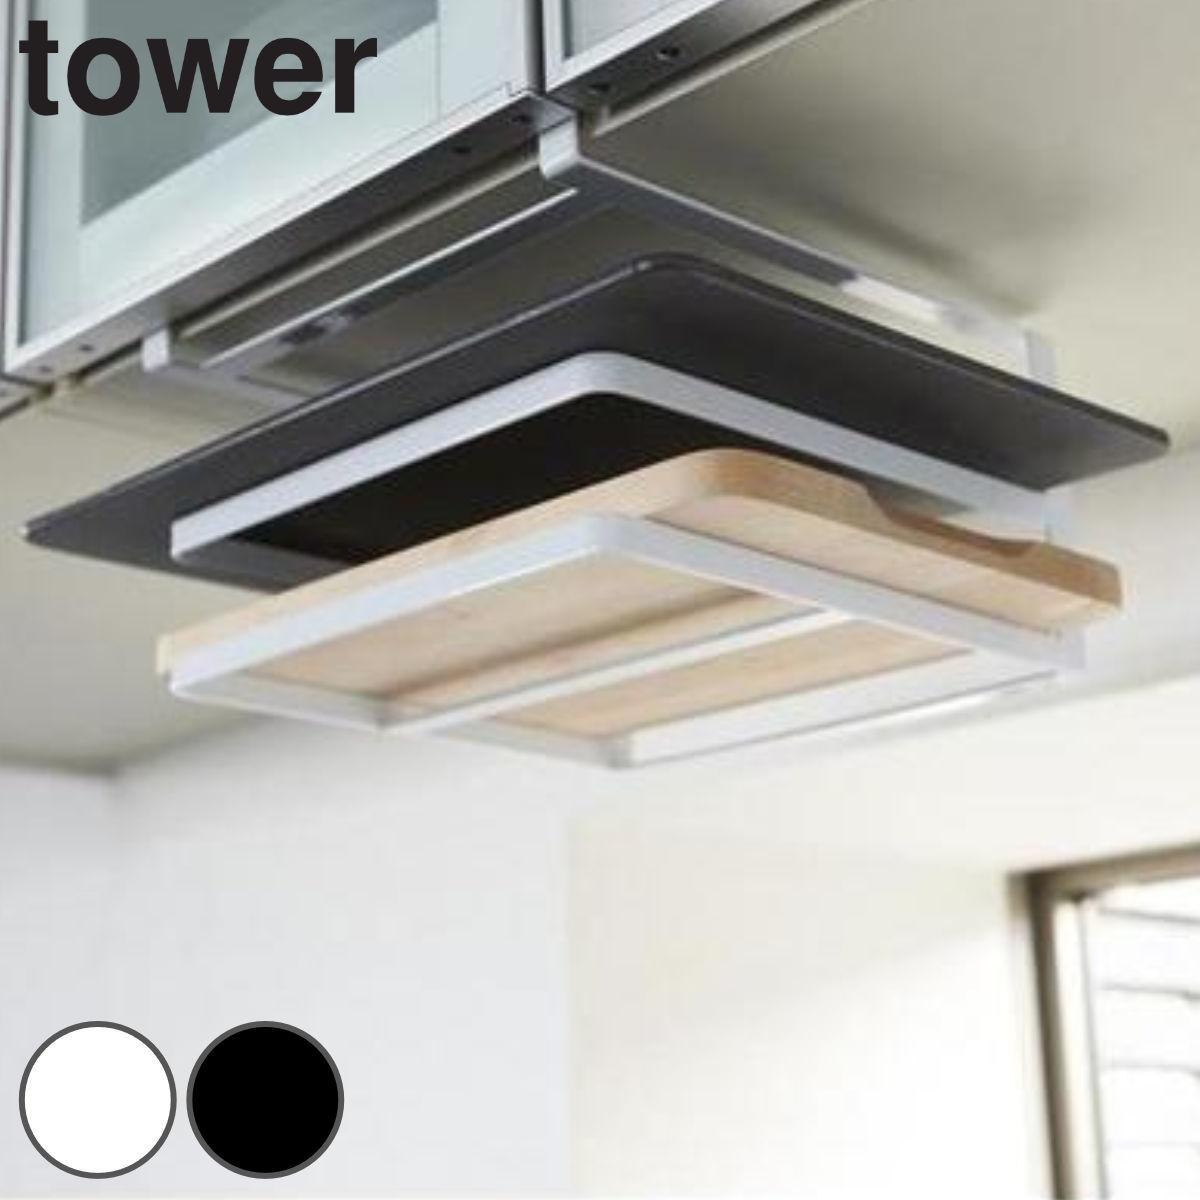 吊り下げラック 戸棚下まな板&布巾ハンガー タワー tower